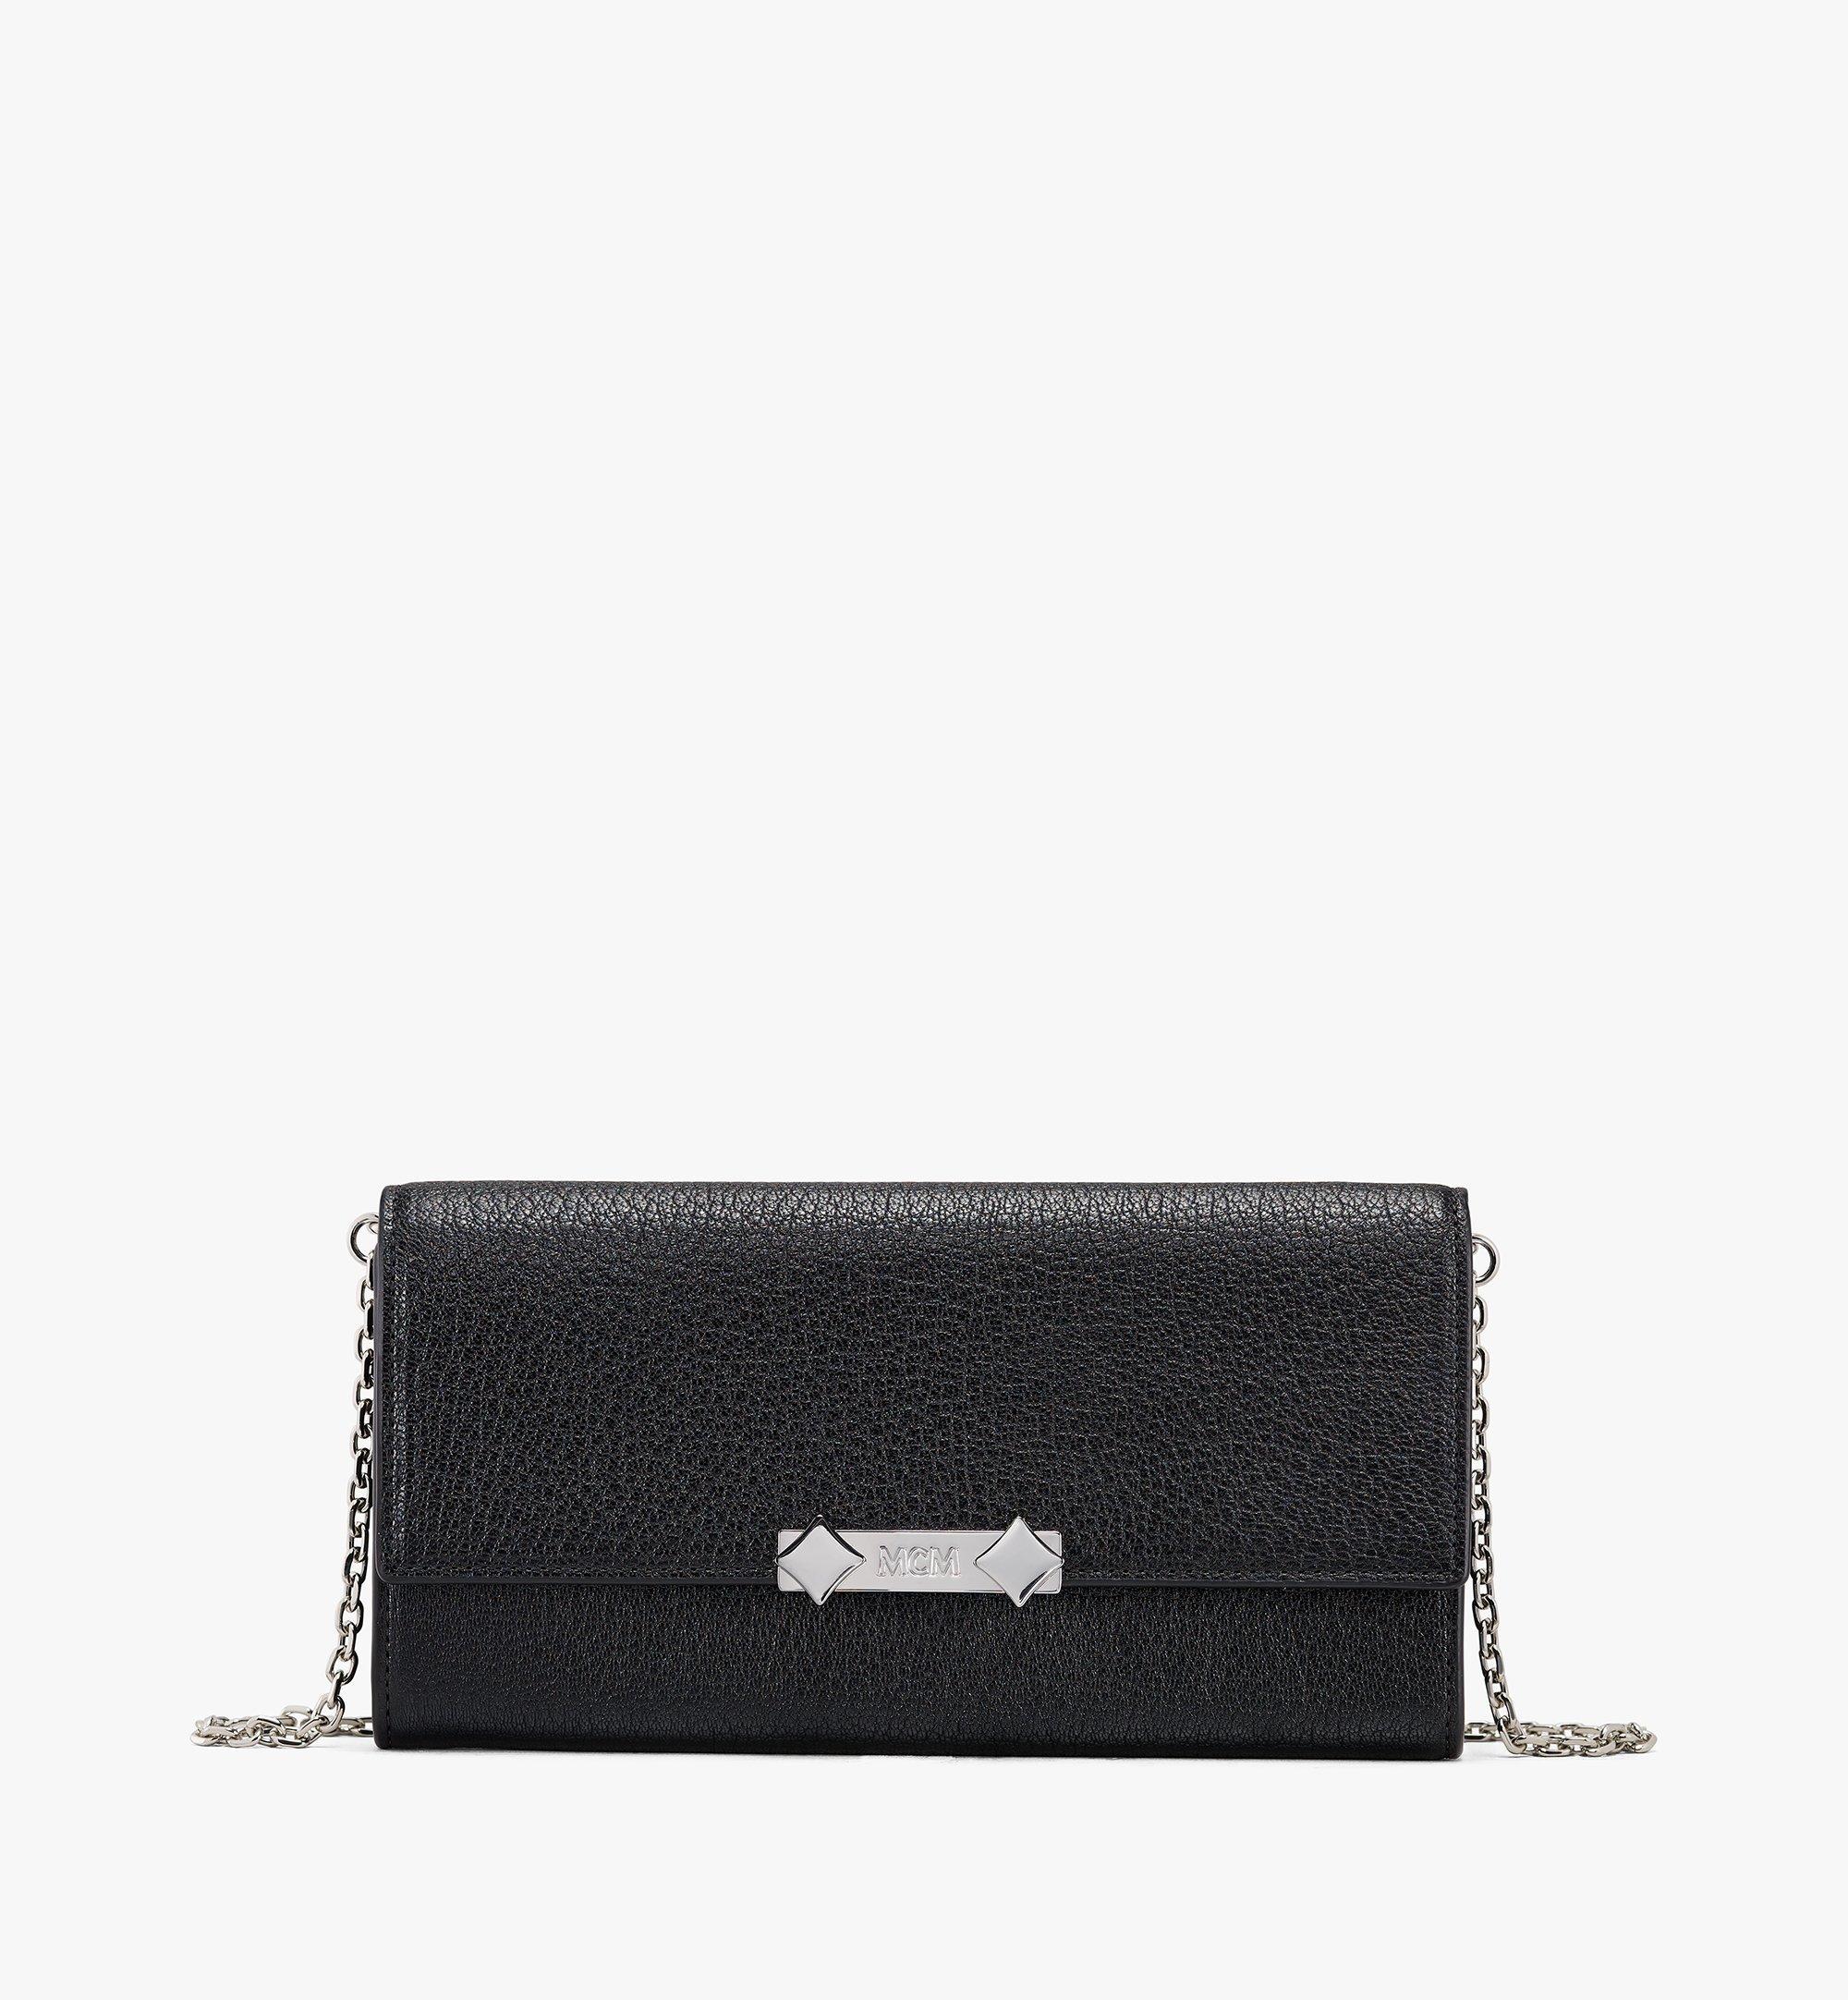 MCM Milano Crossbody-Brieftasche aus Ziegenleder Black MYLASDA01BK001 Alternate View 1